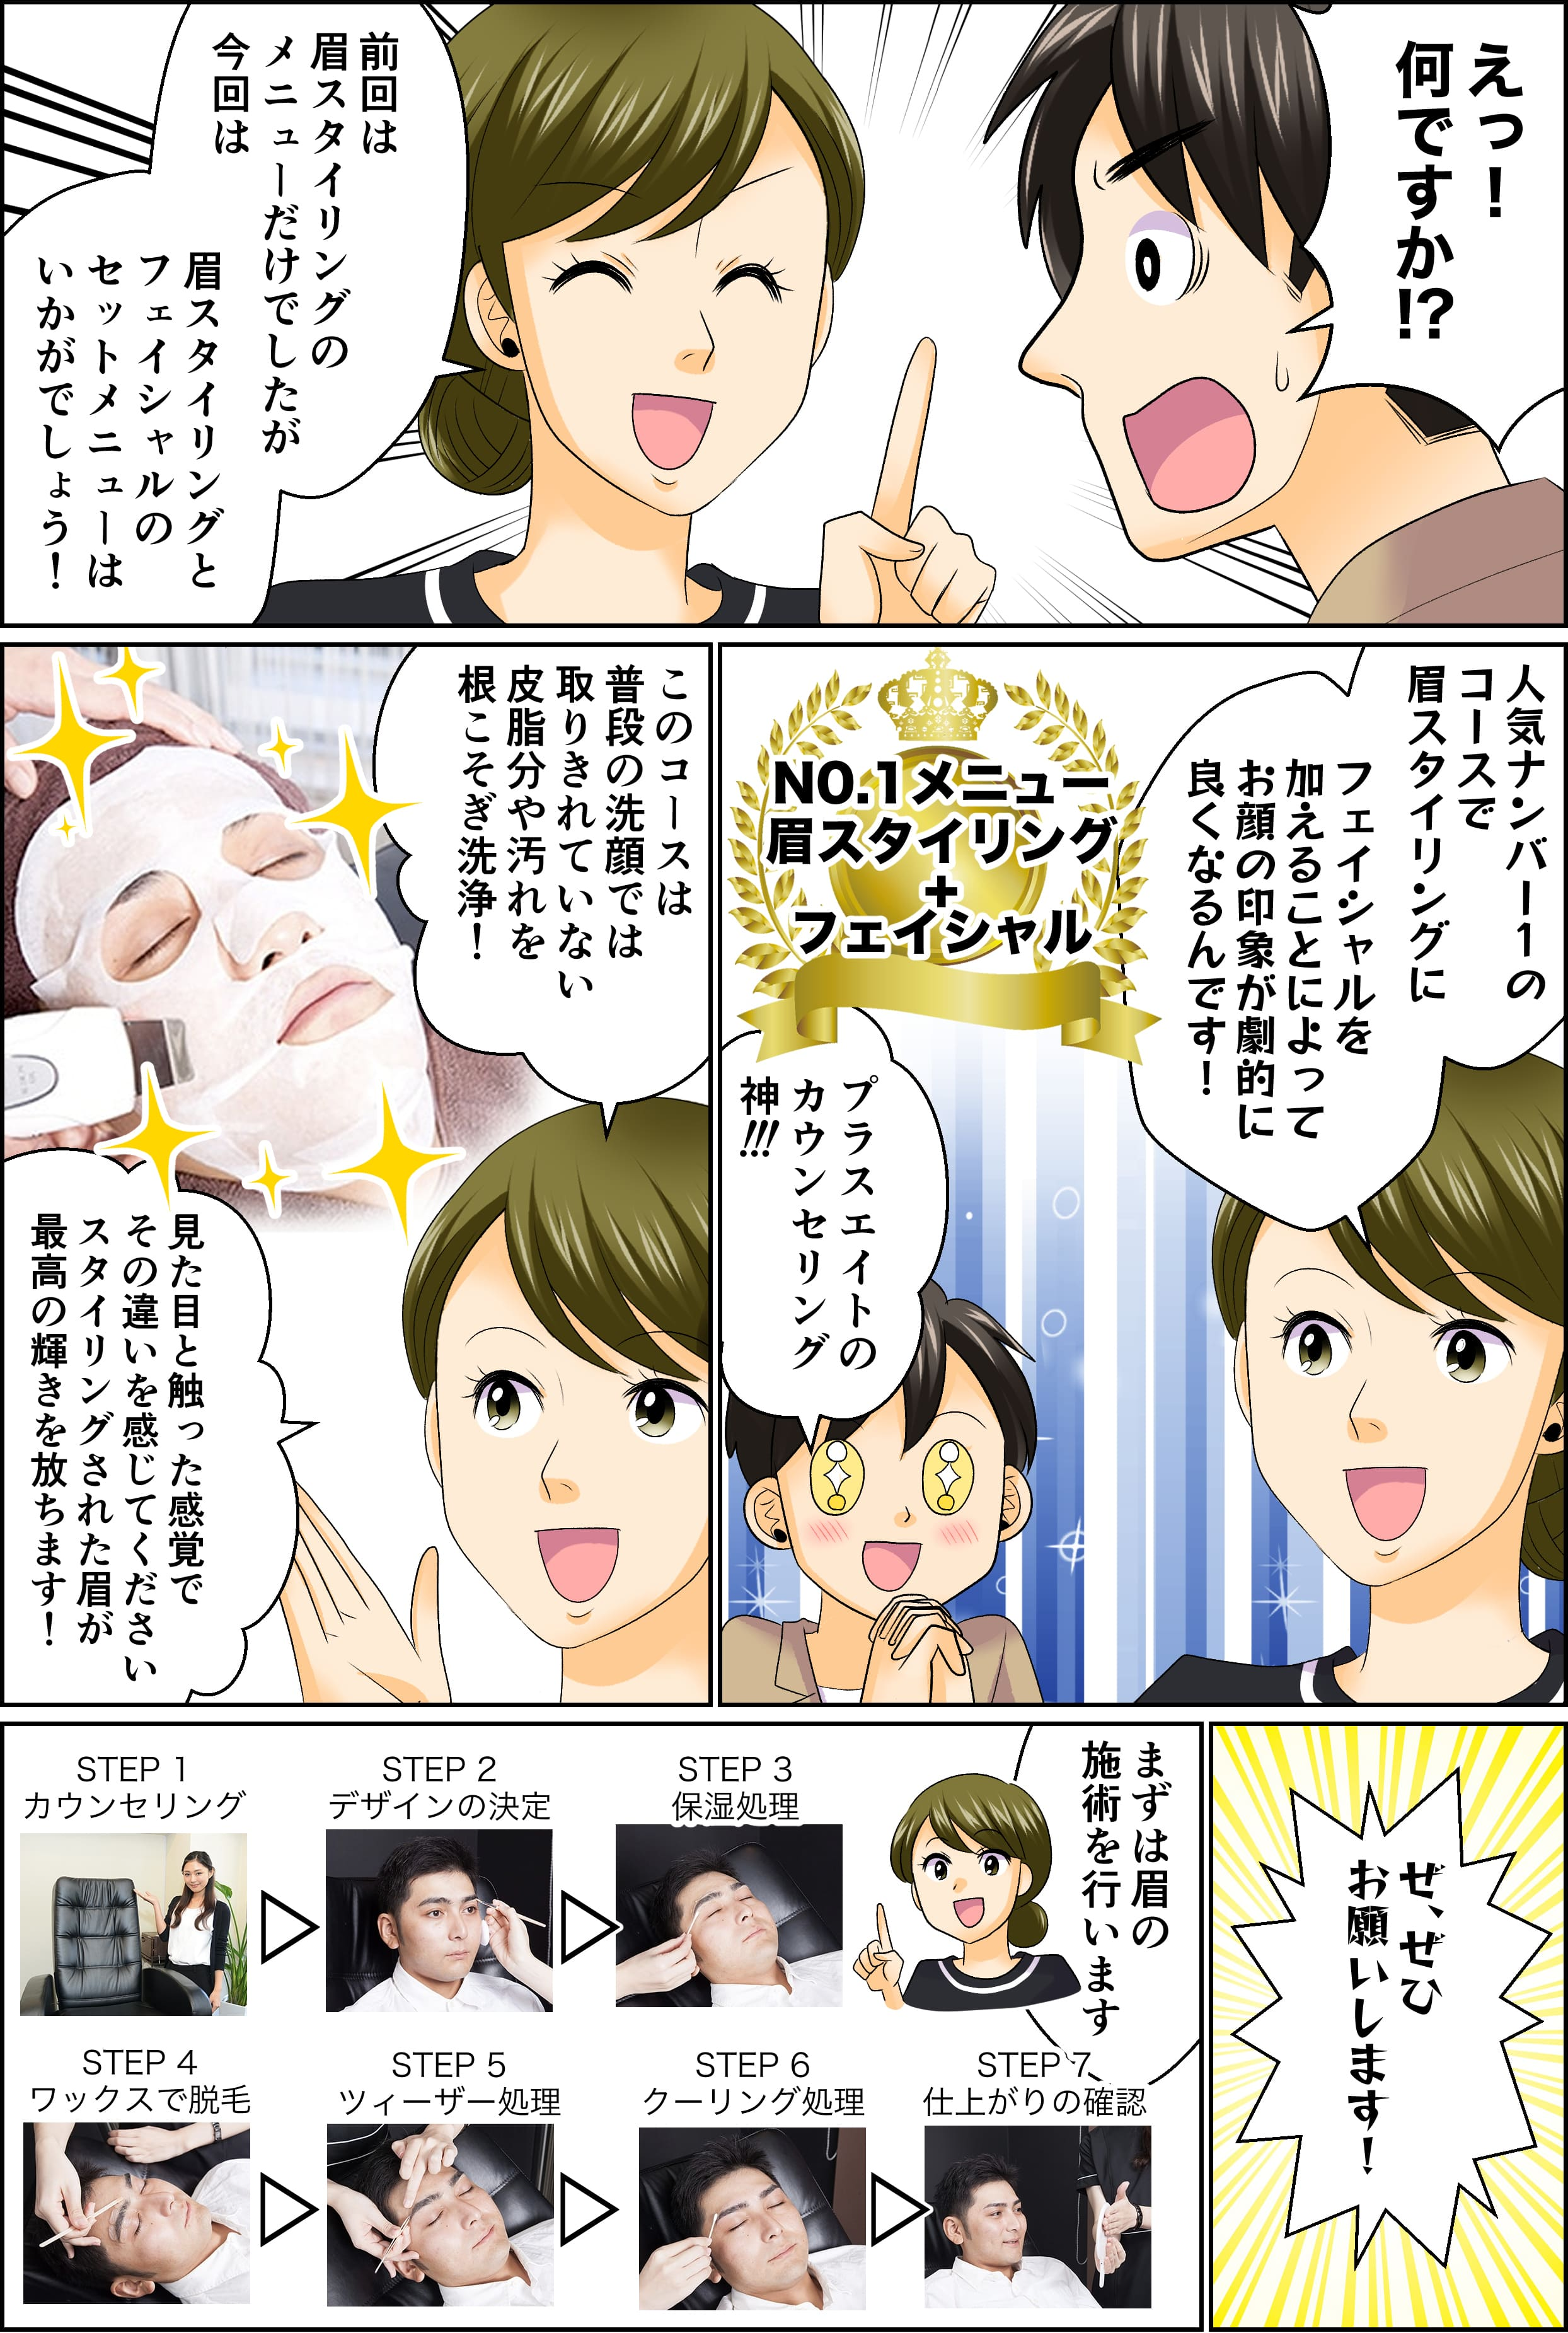 眉毛施術【女子モテる】4